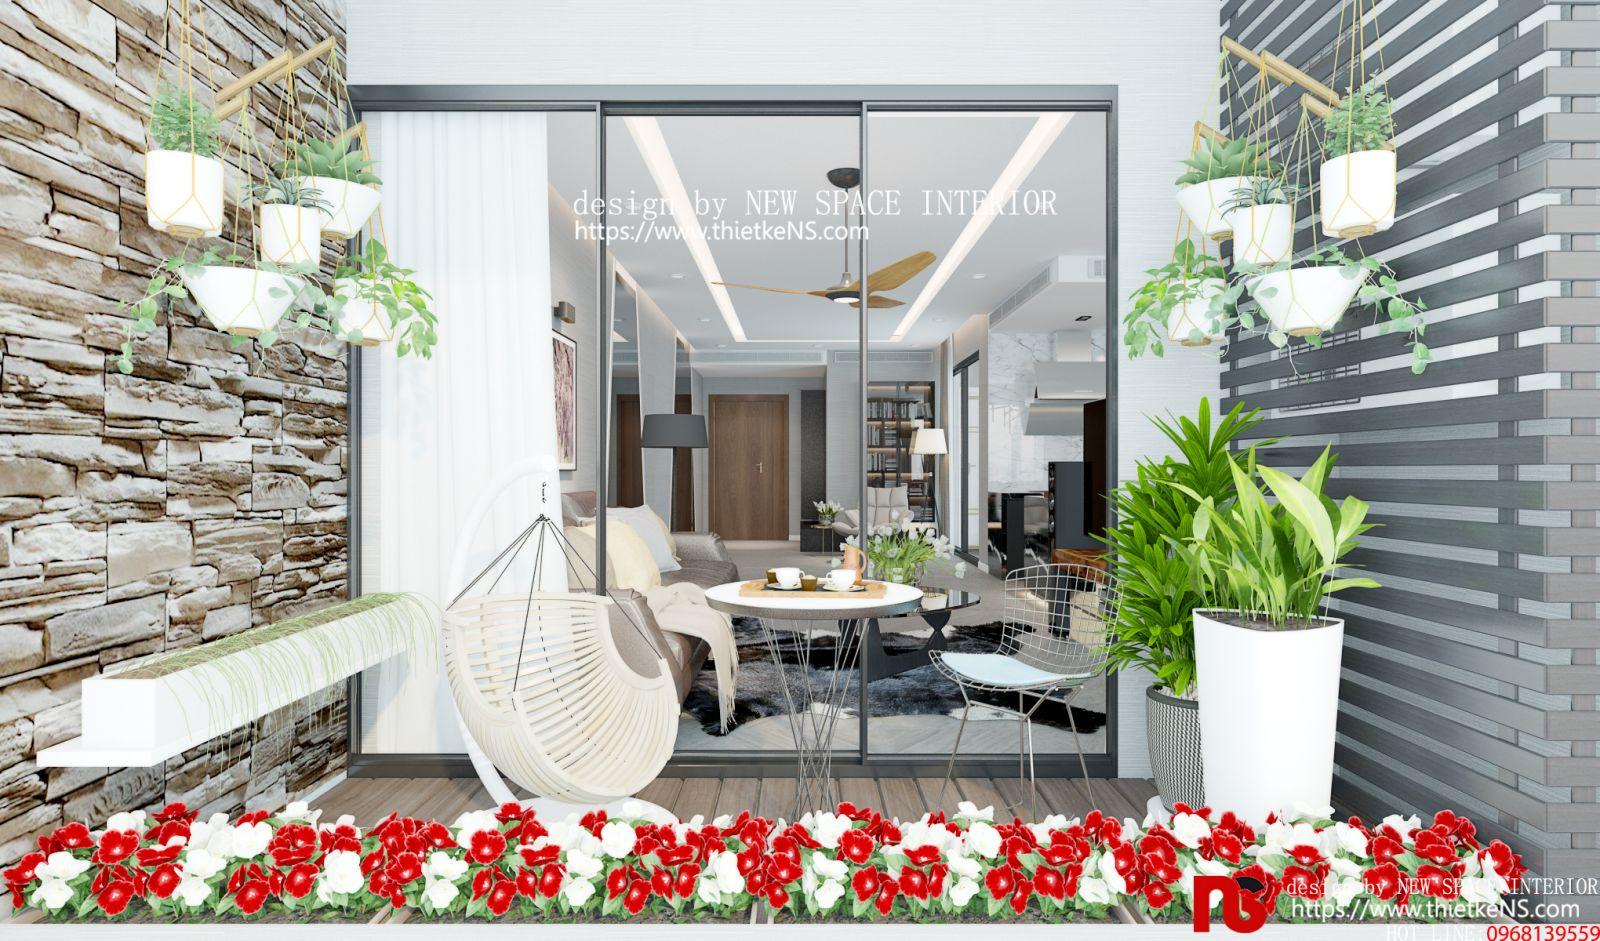 Thiết kế nội thất chung cư khu vực ban công